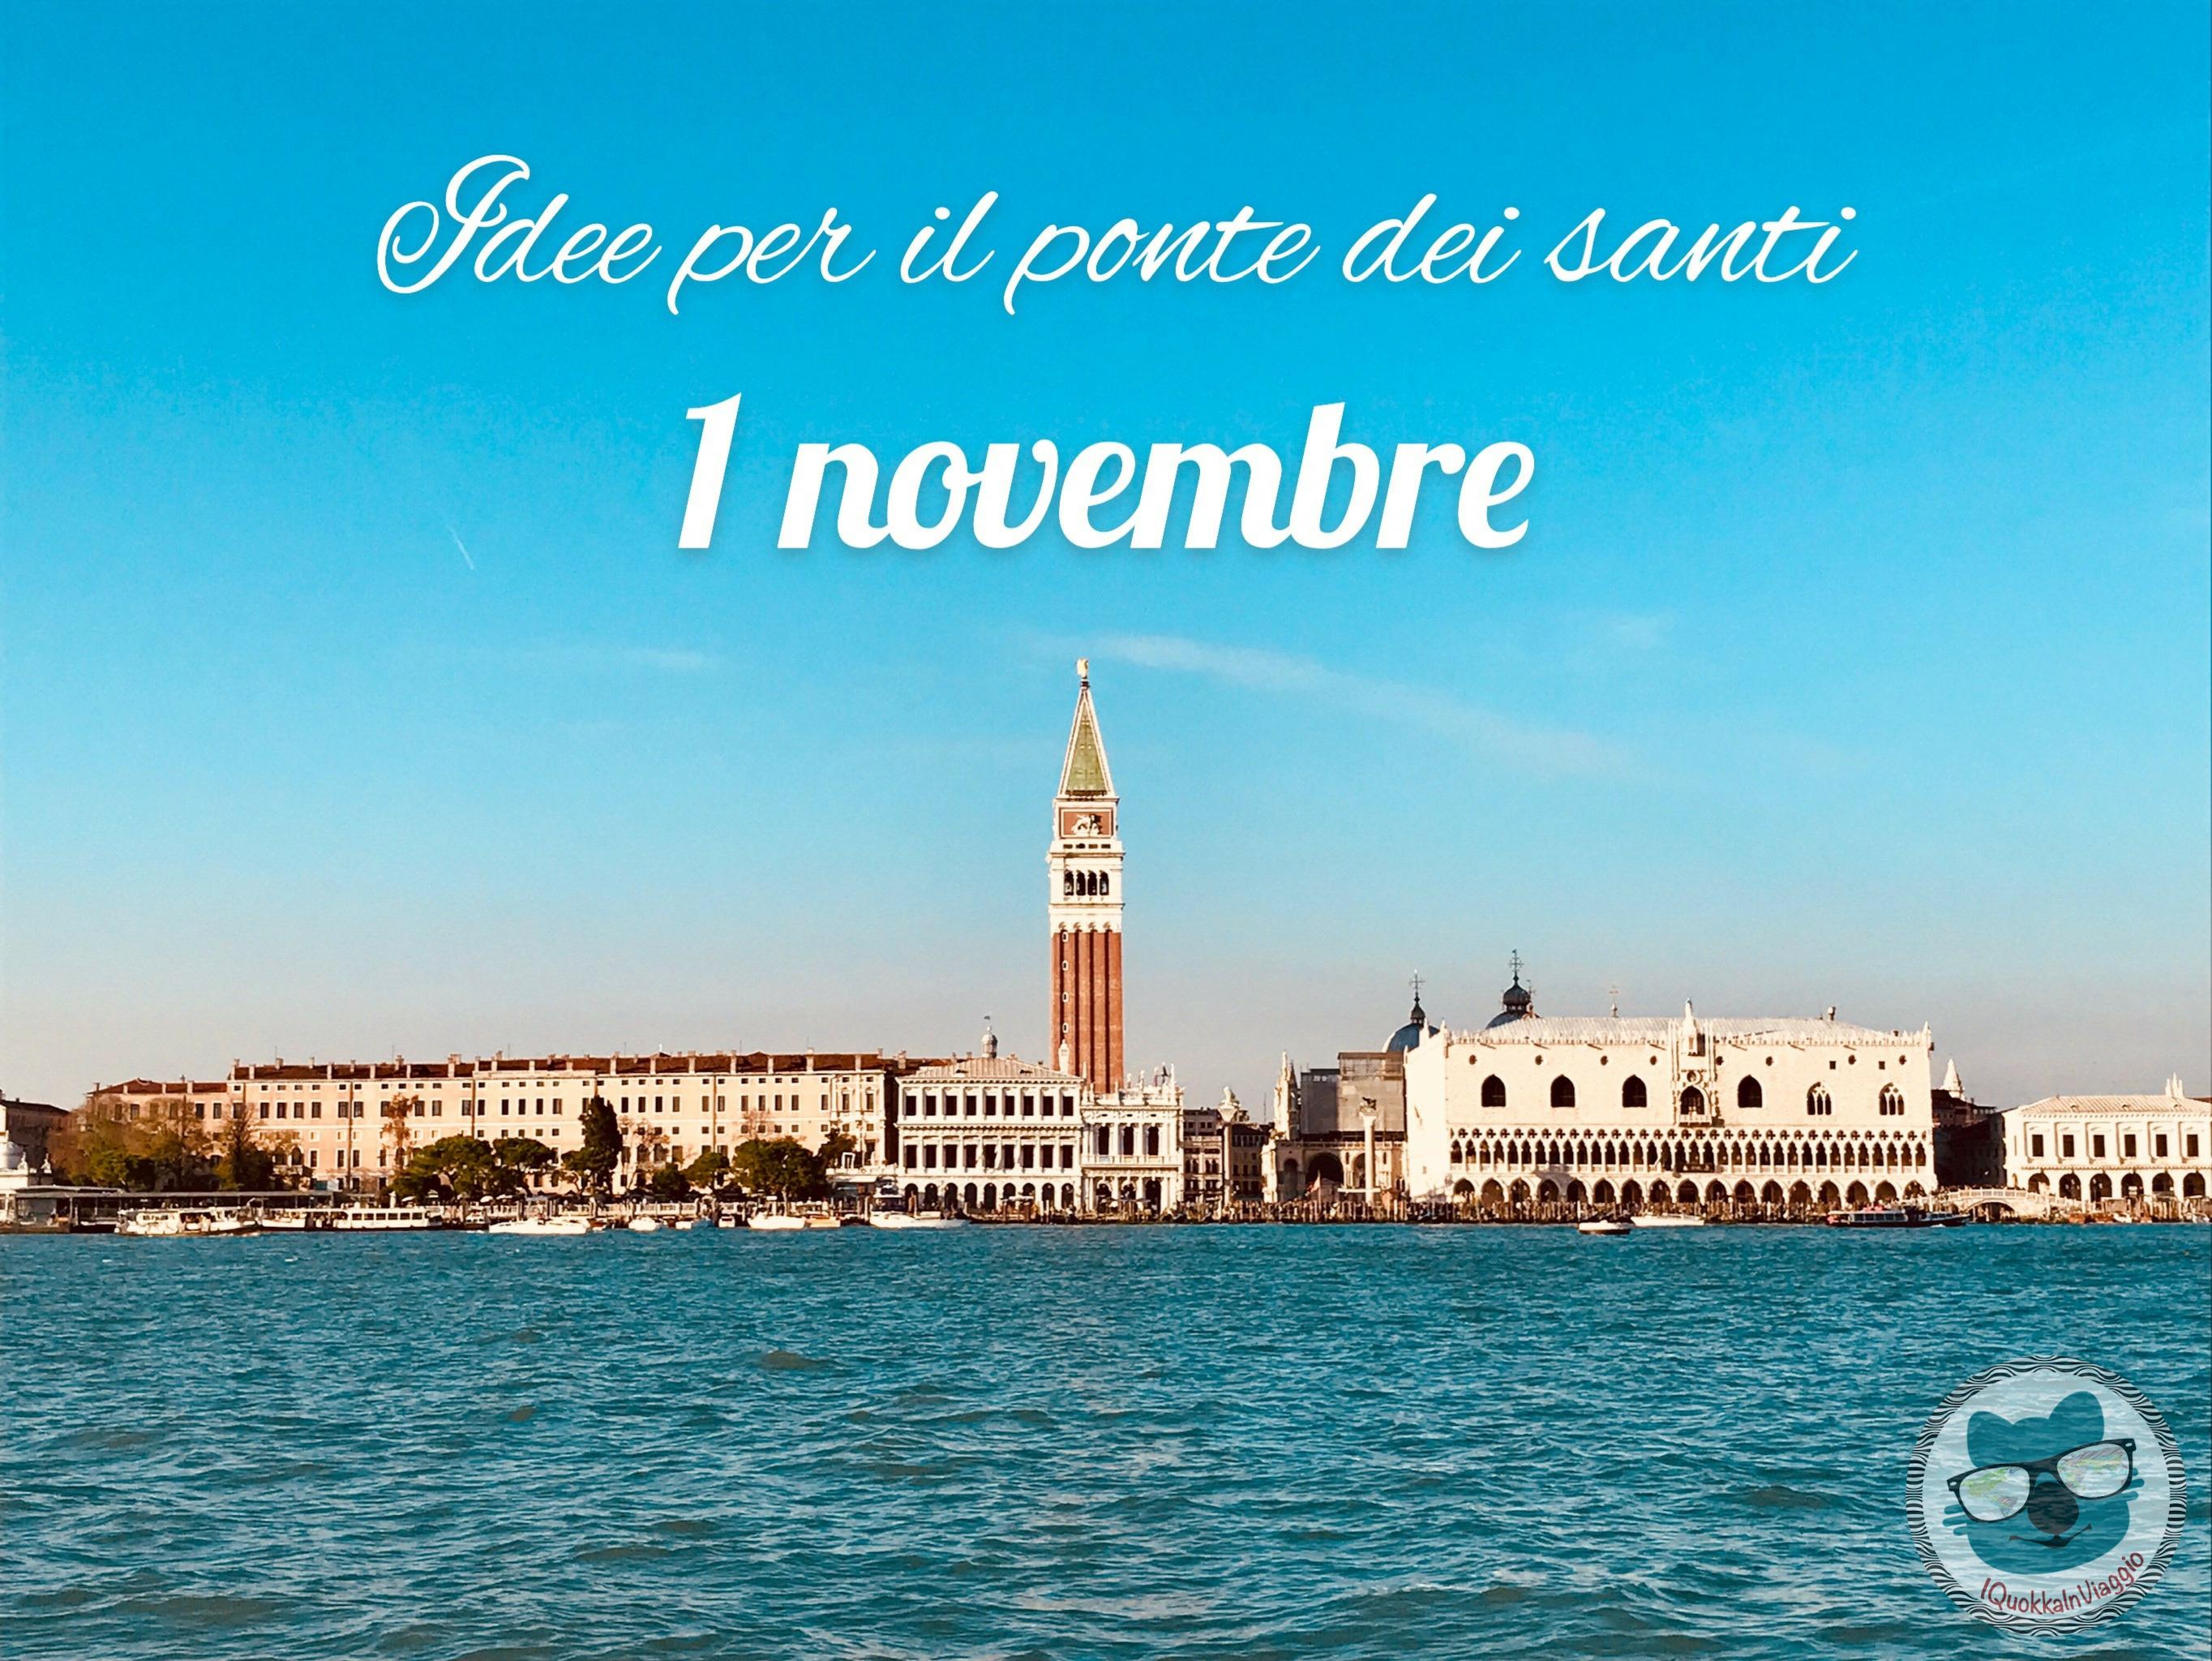 I Quokka In Viaggio - Idee Per Il Ponte Dei Santi - 1 Novembre ris